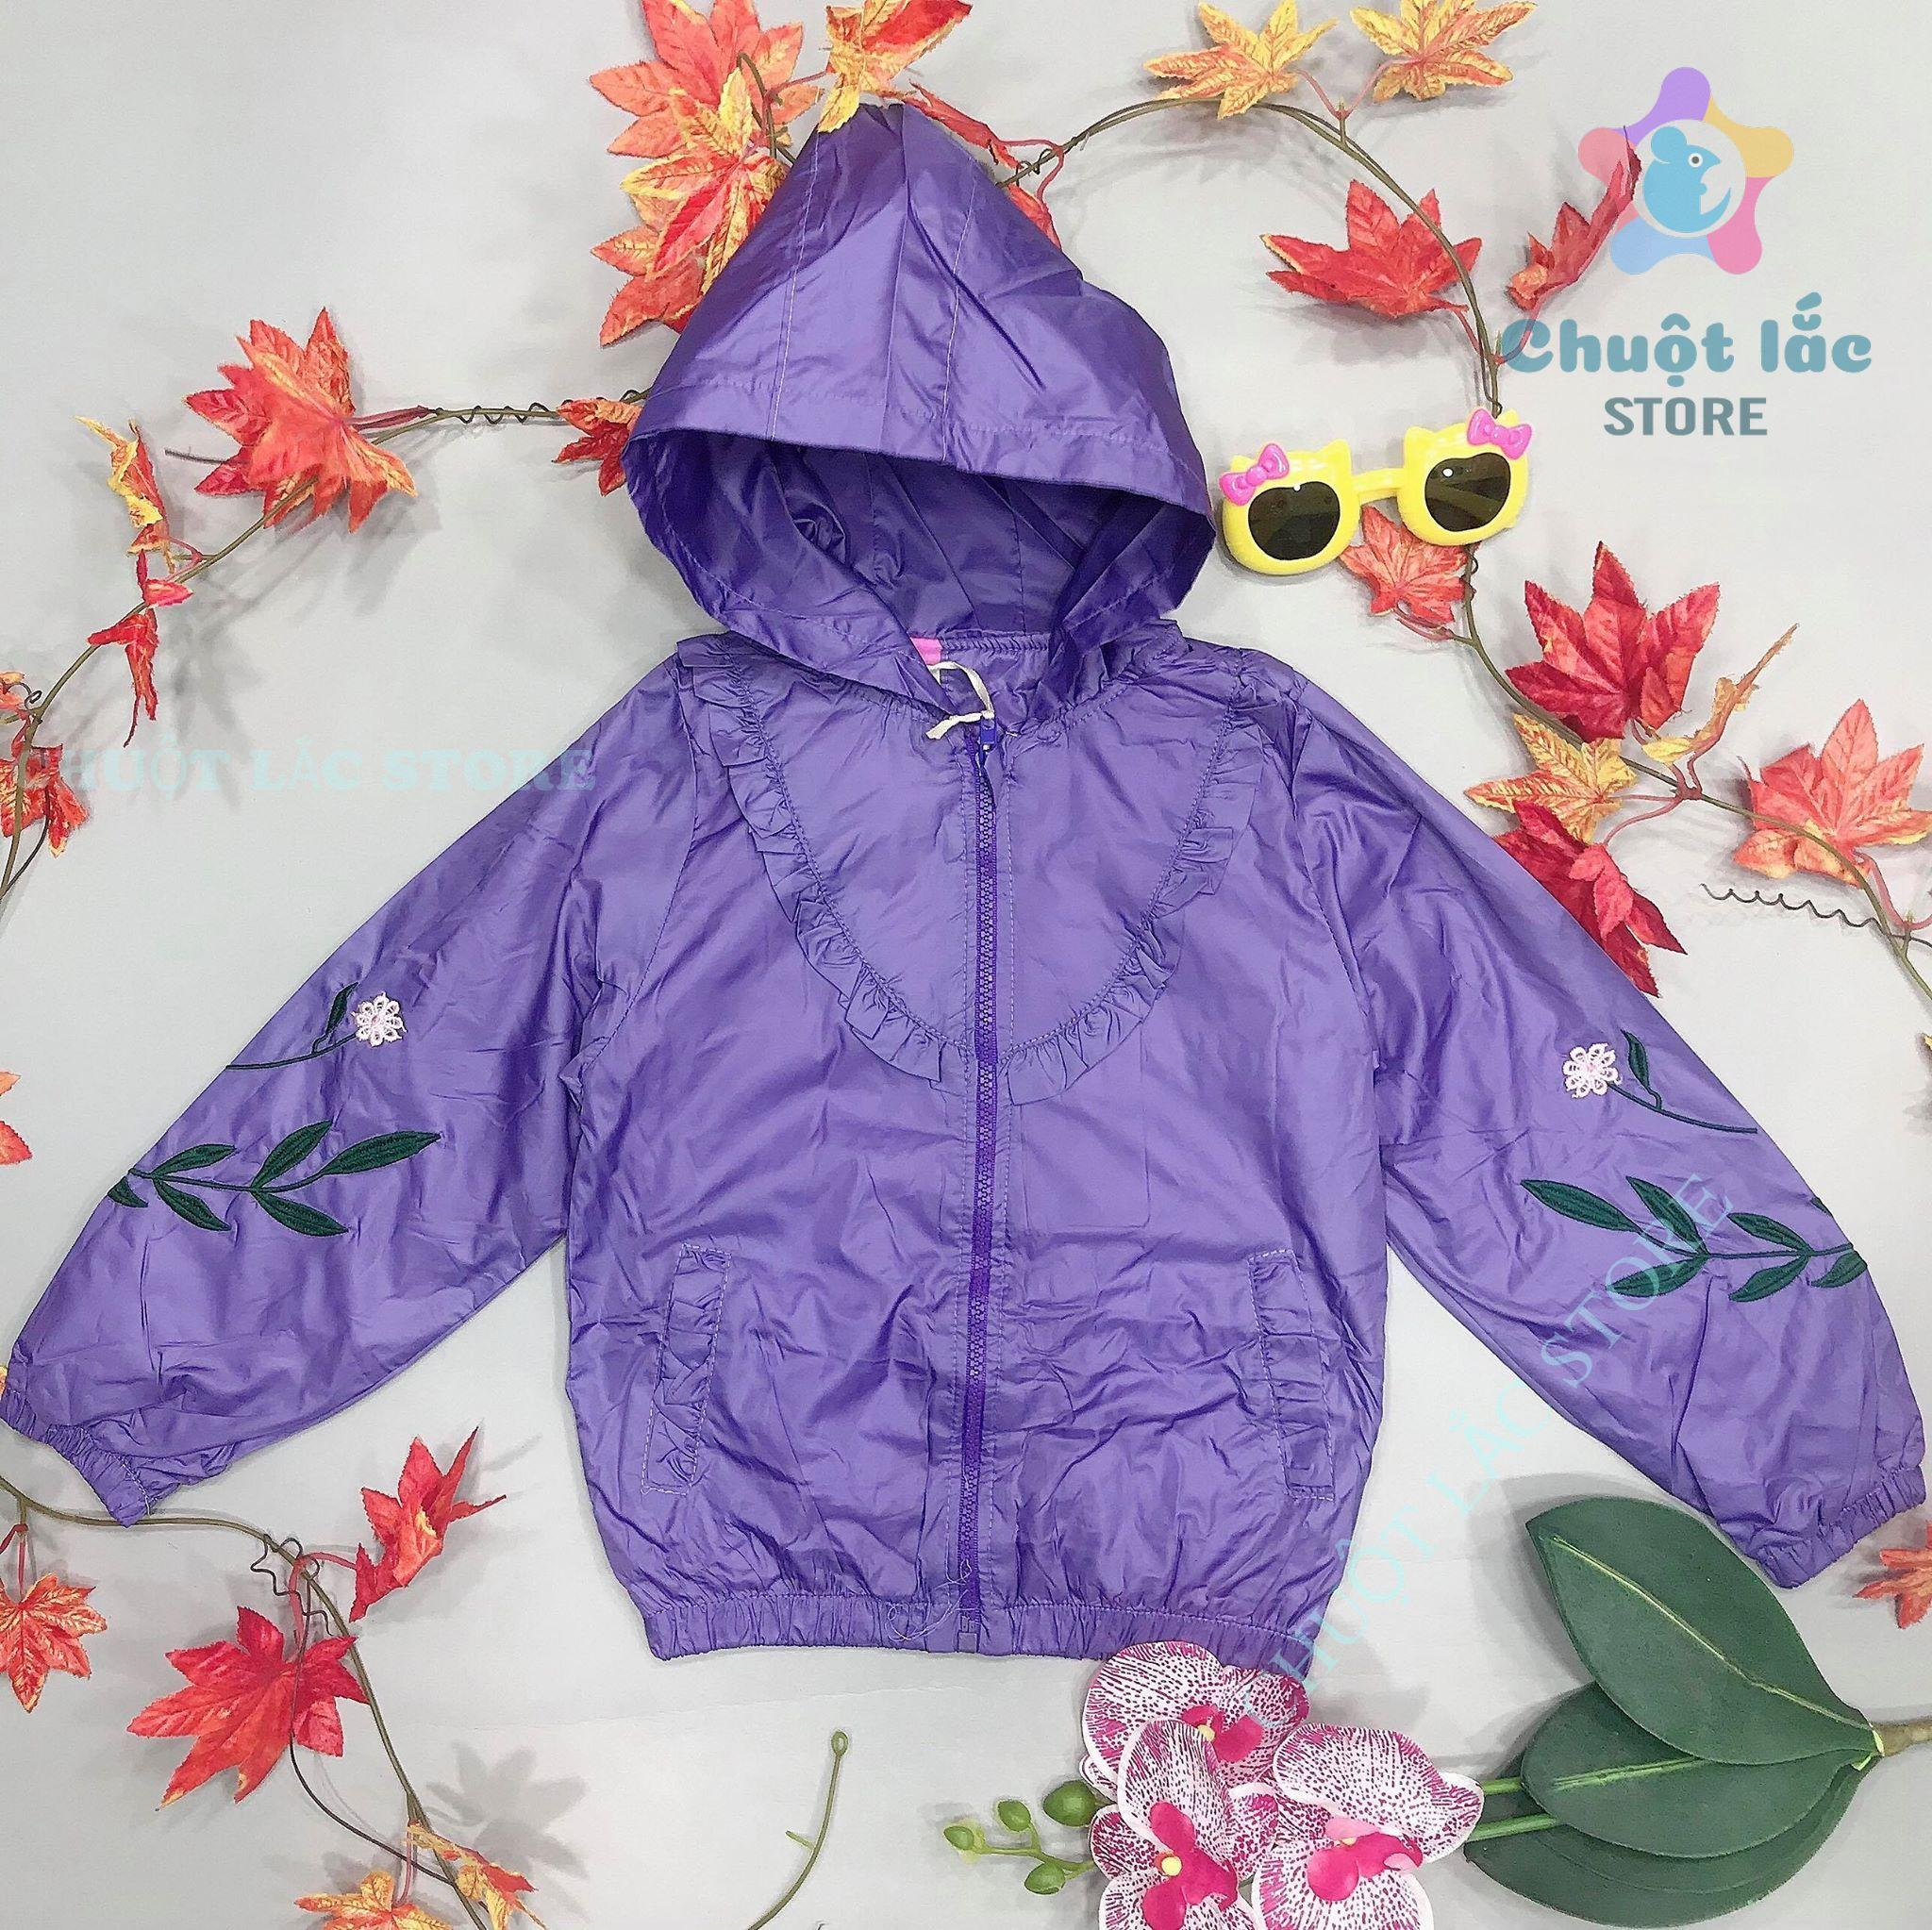 Áo khoác trẻ em, áo khoác bé gái dù 2 lót bông size đại cho bé từ 14kg đến 30kg (màu hồng, tím, xanh, cam)